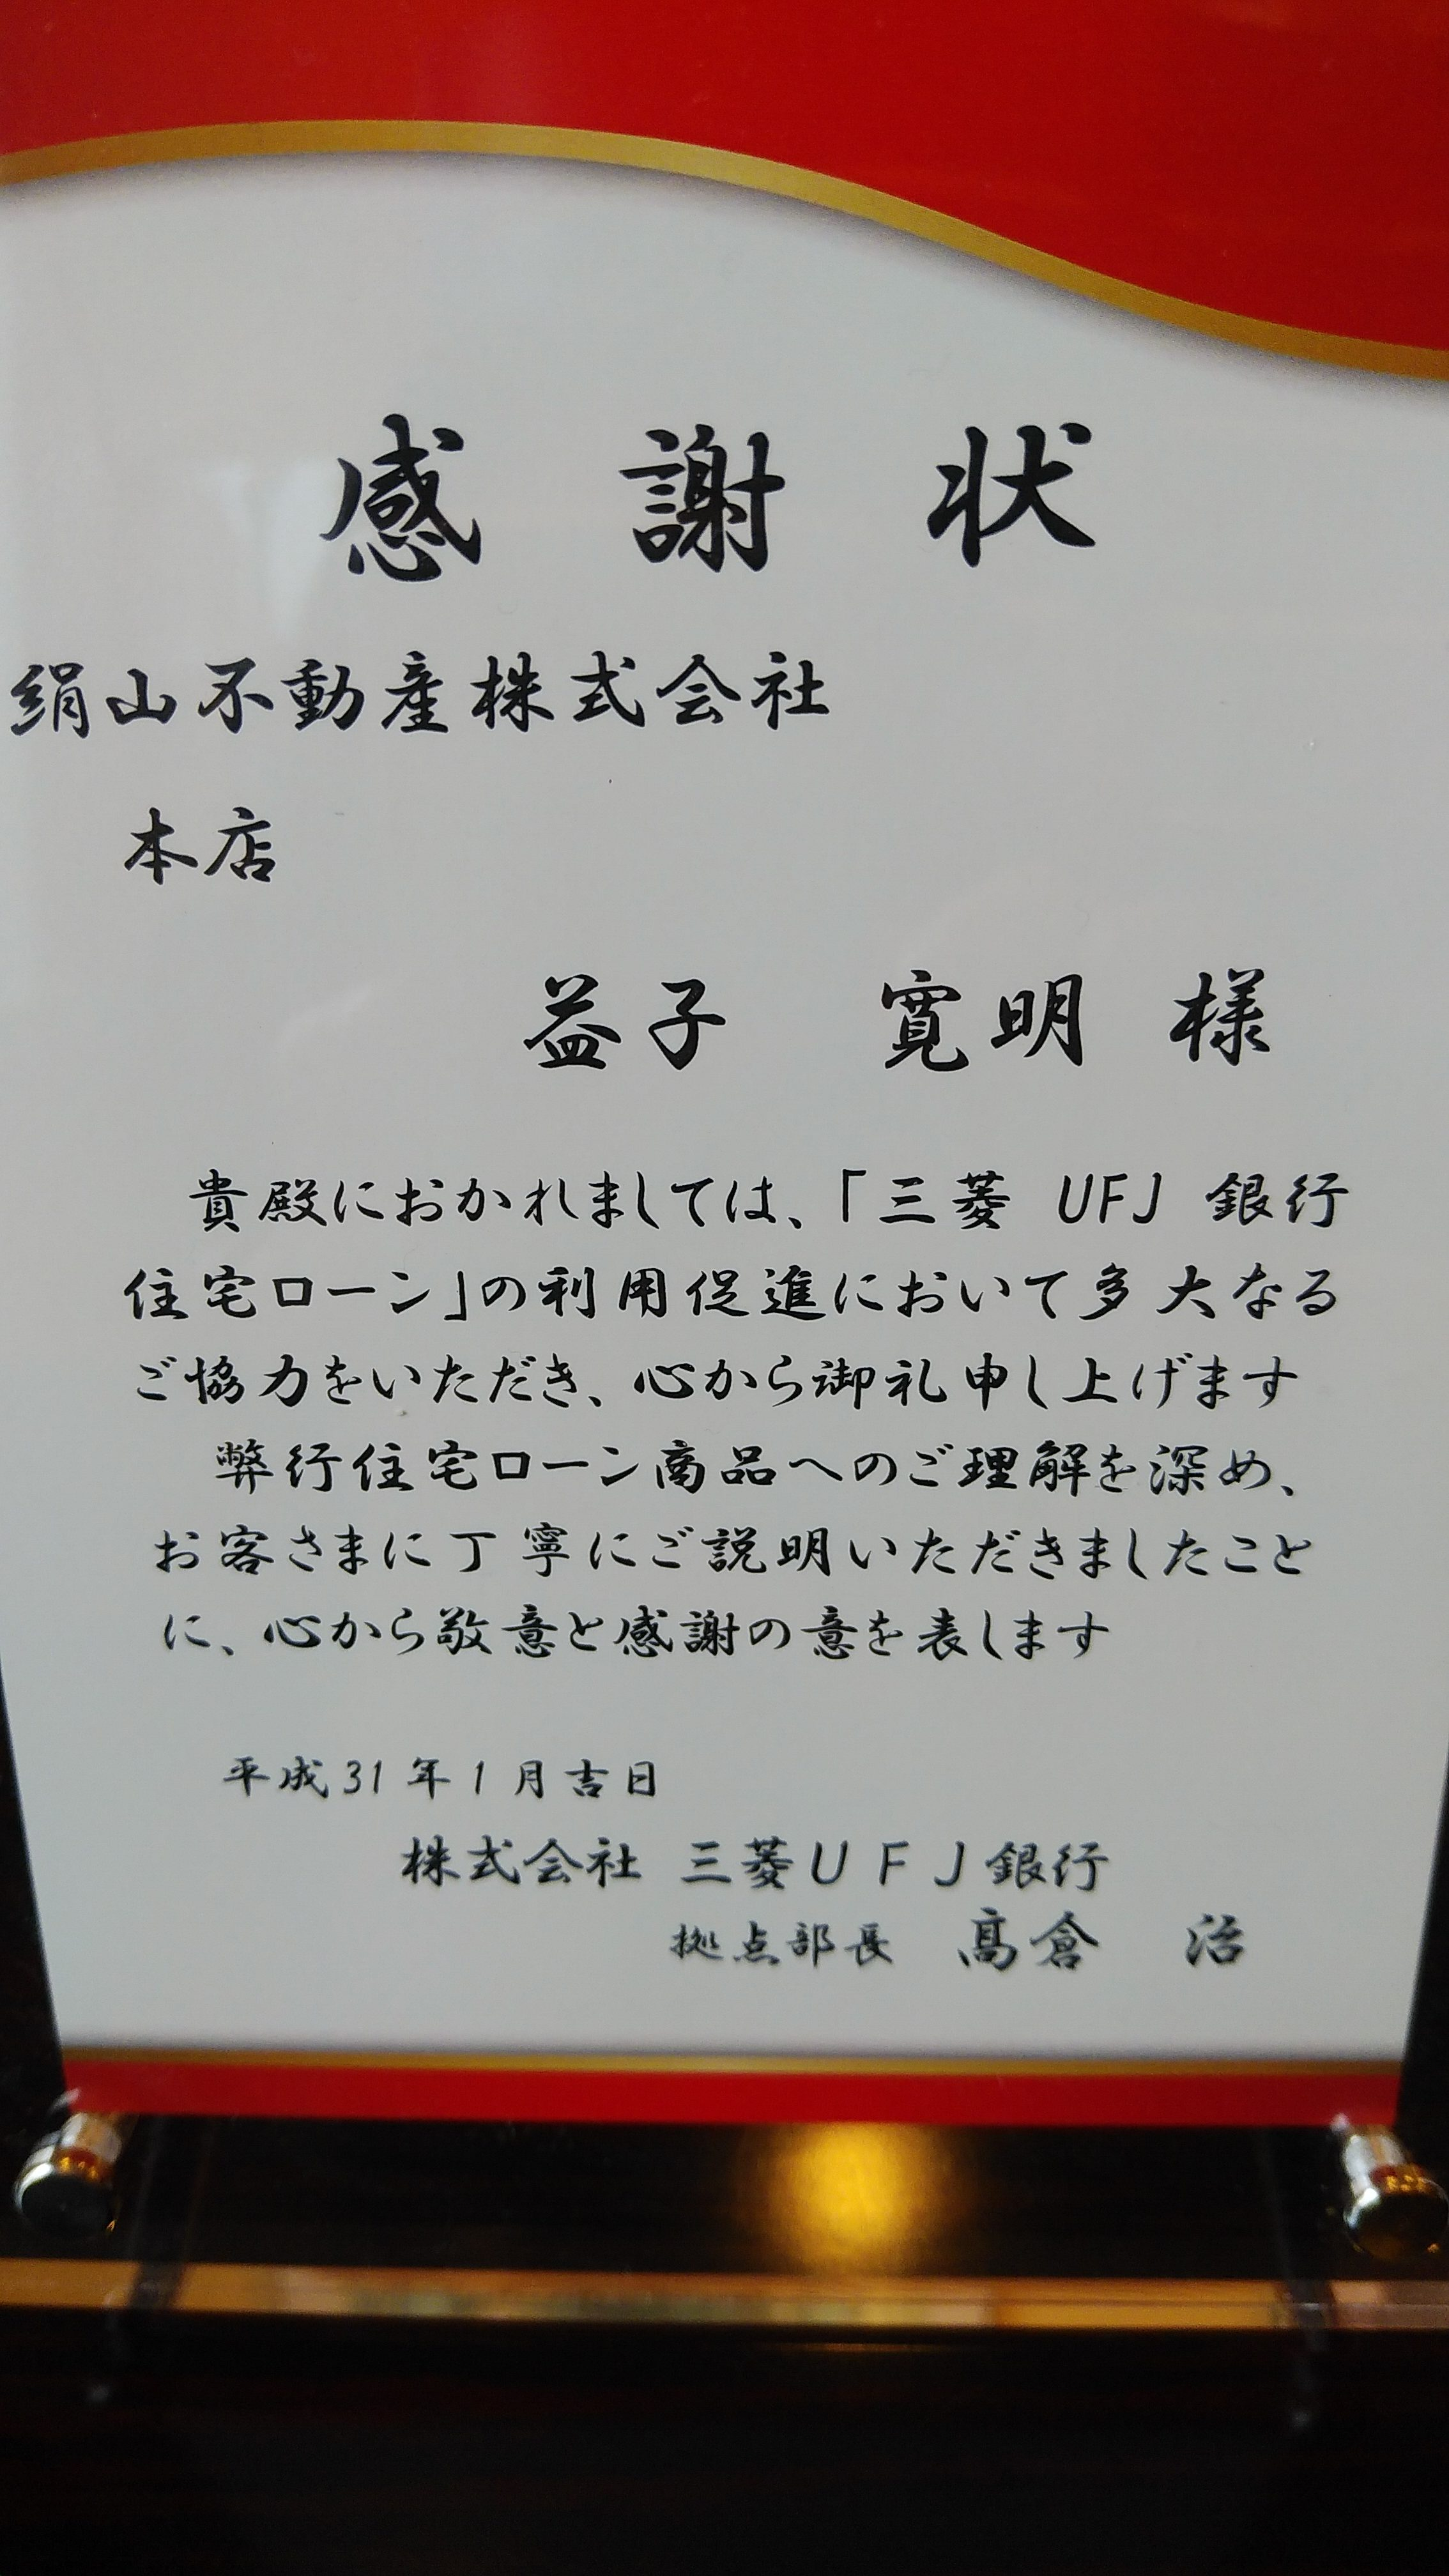 狛江・喜多見・和泉多摩川で住宅を購入される方に朗報!住宅ローンのスペシャリストとして感謝状を頂きました。